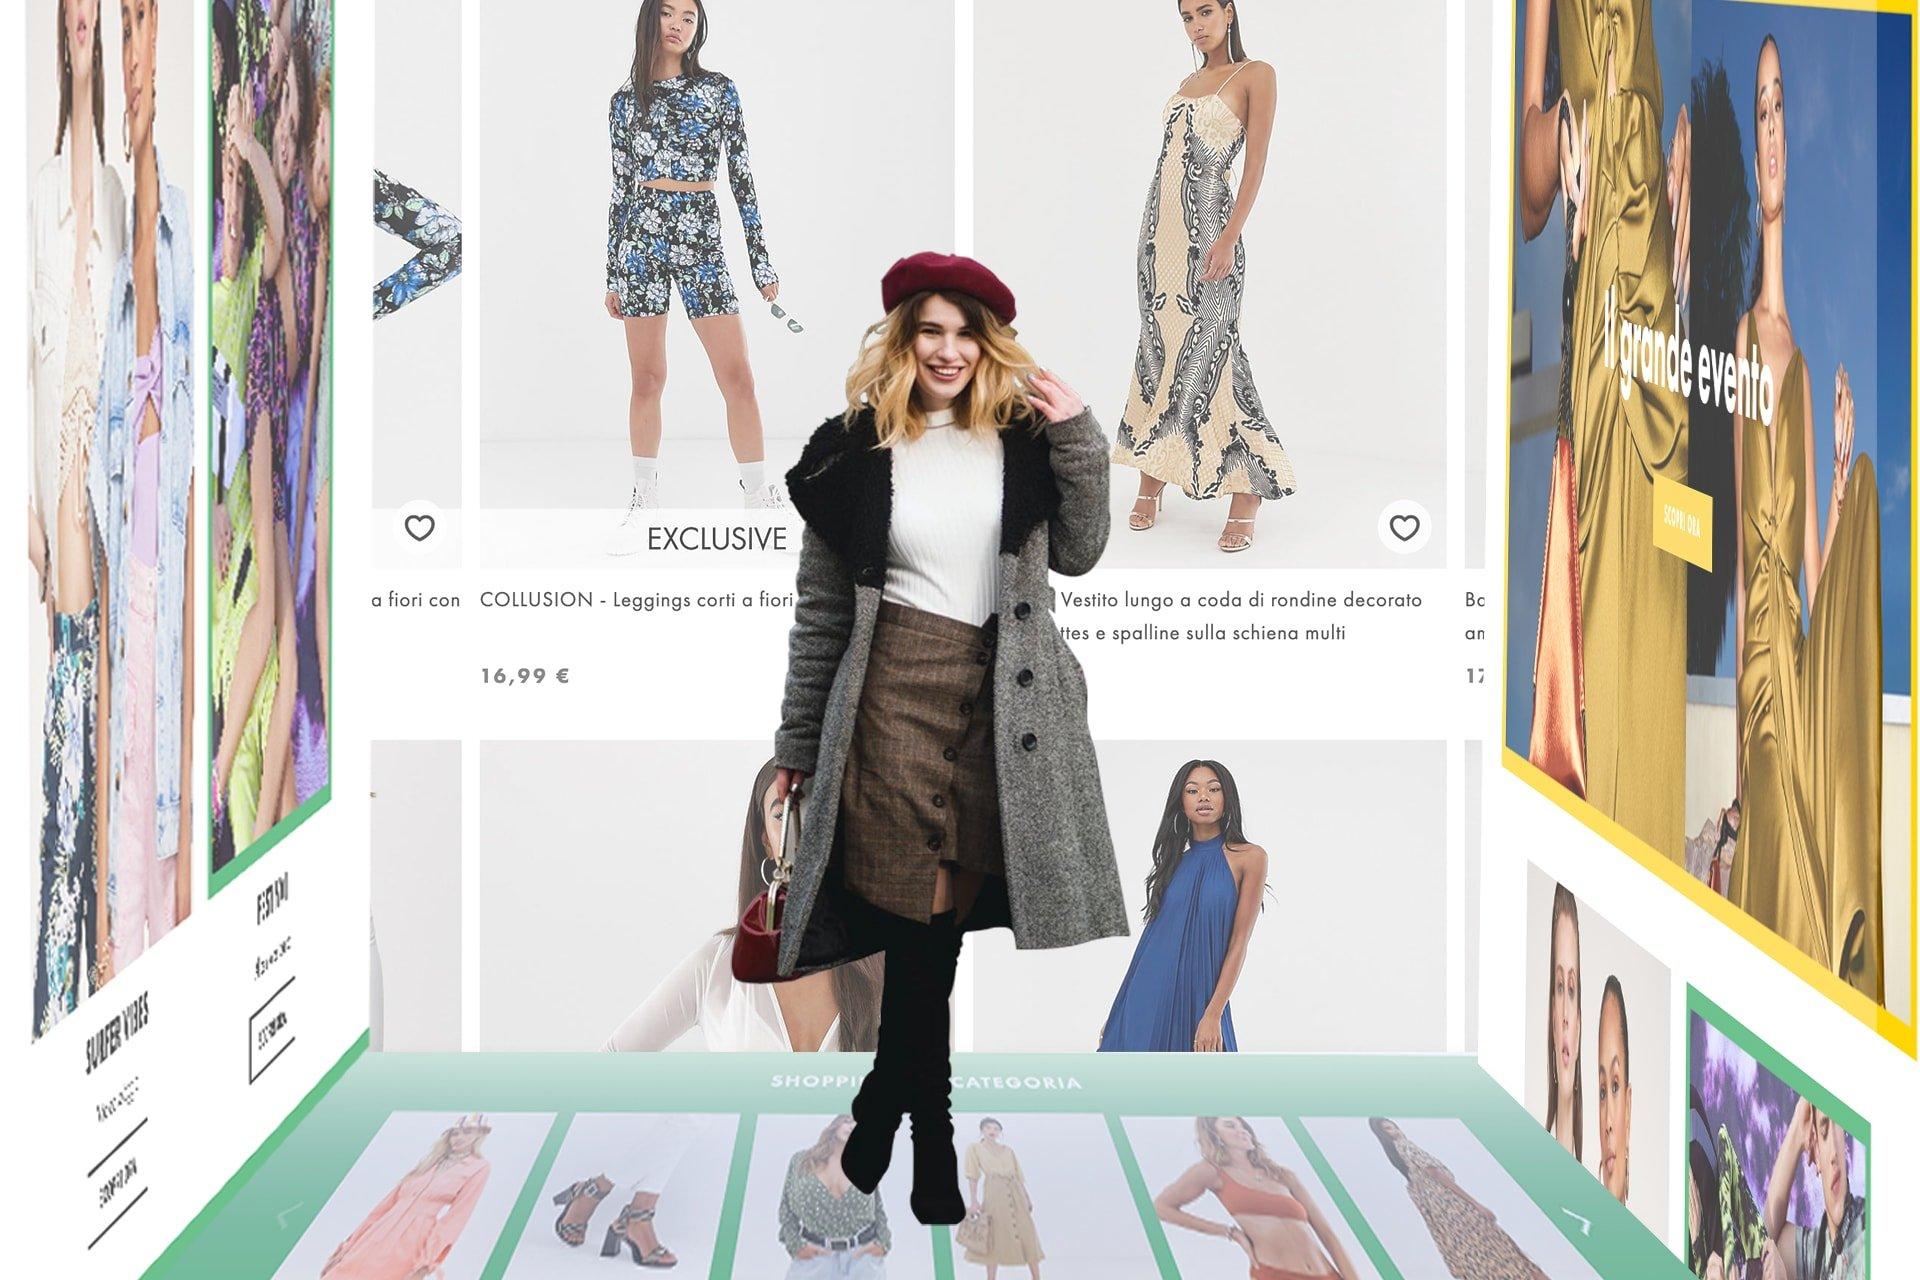 strategie social brand moda